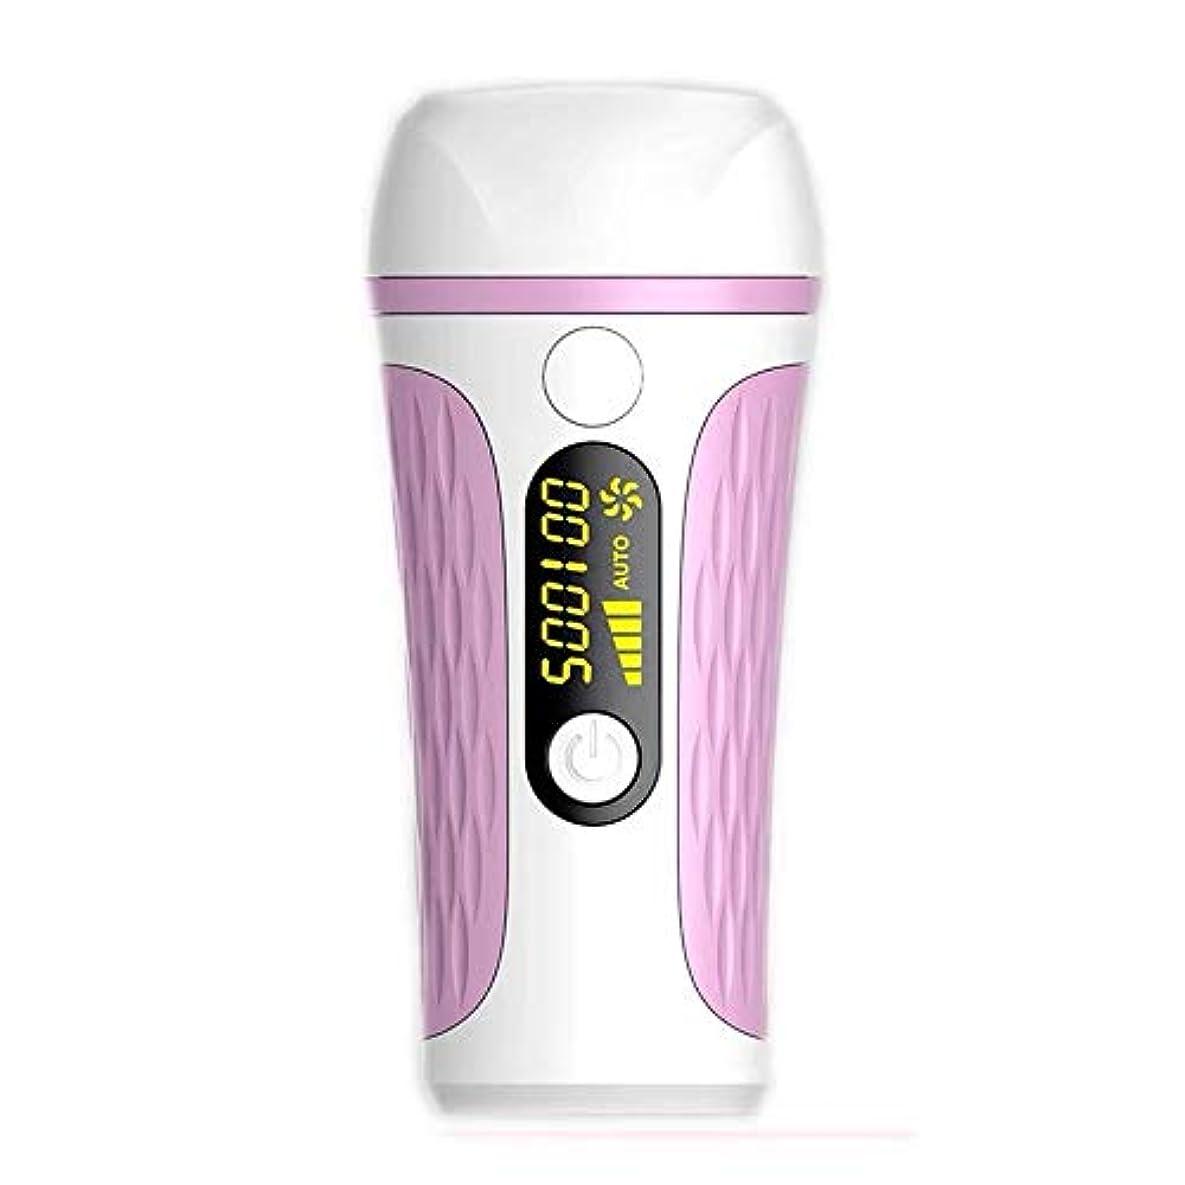 本物協同ストレスXihouxian 携帯用コールドポイント痛みのない毛の除去剤、自動、手動、2つのモード、LCDディスプレイ、5スピード調整、サイズ14.5 X 6.7 X 19 Cm D40